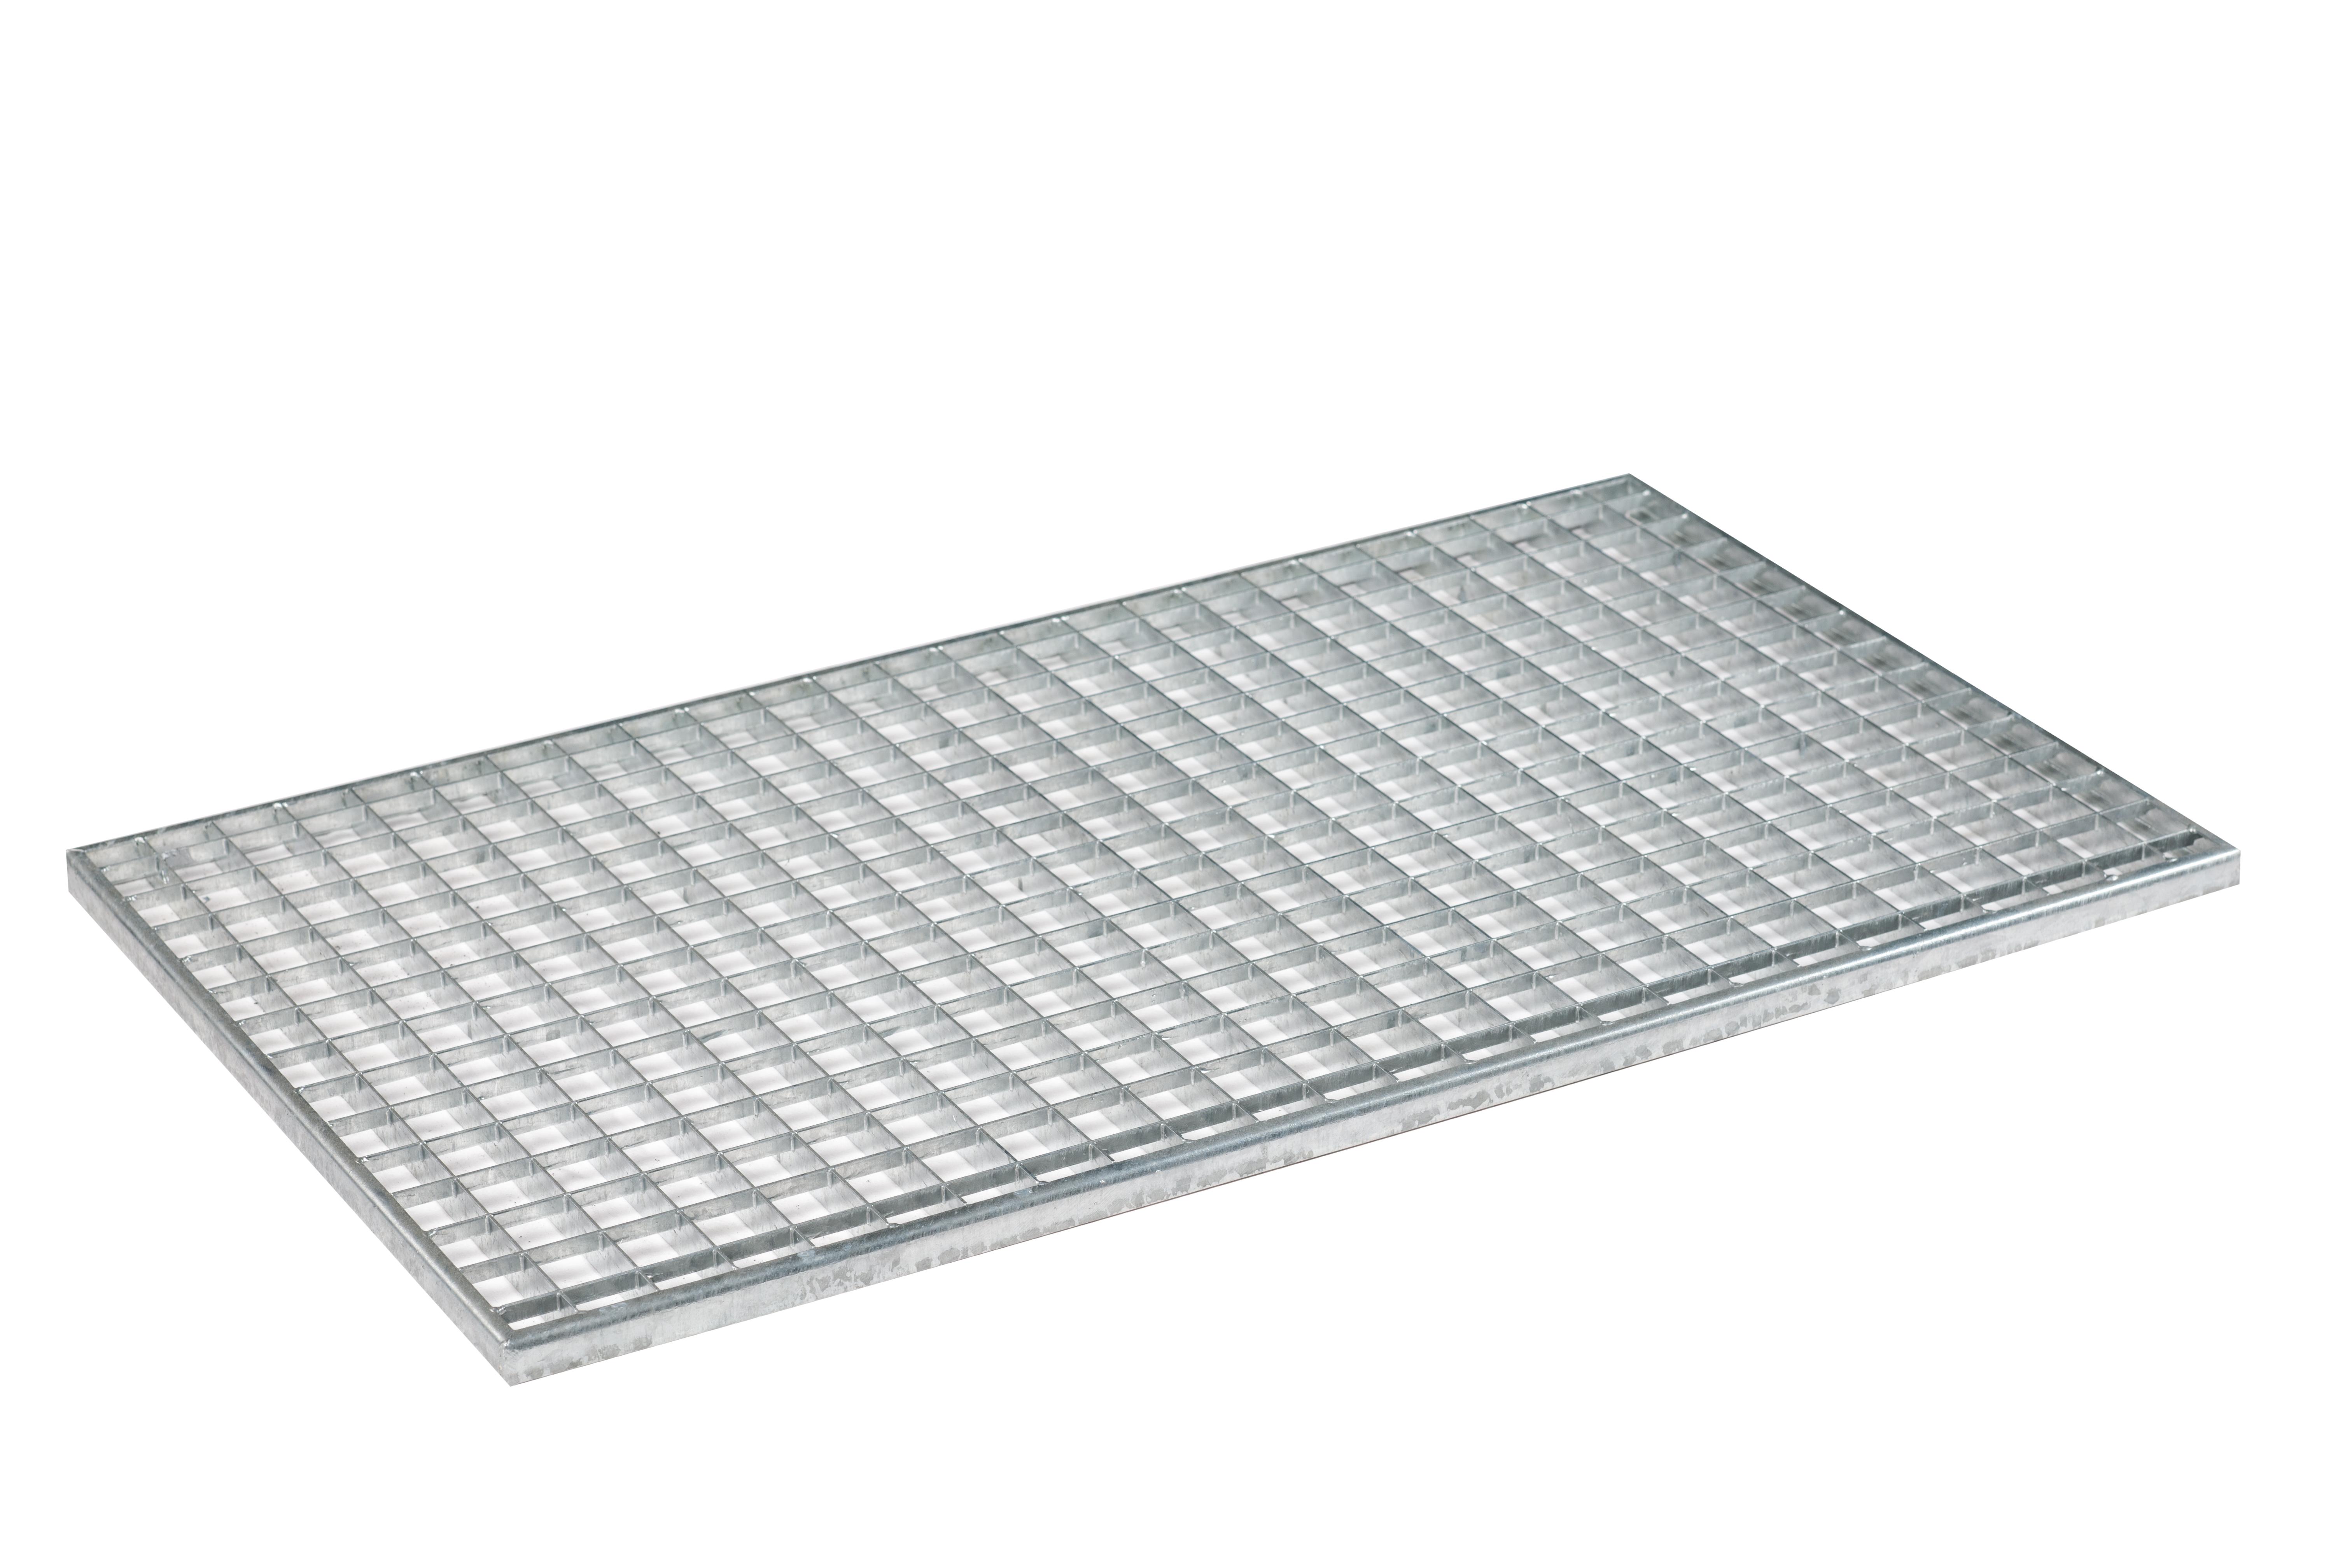 gitterrost für standardlichtschacht mw 30/30 - 100x50 cm | www